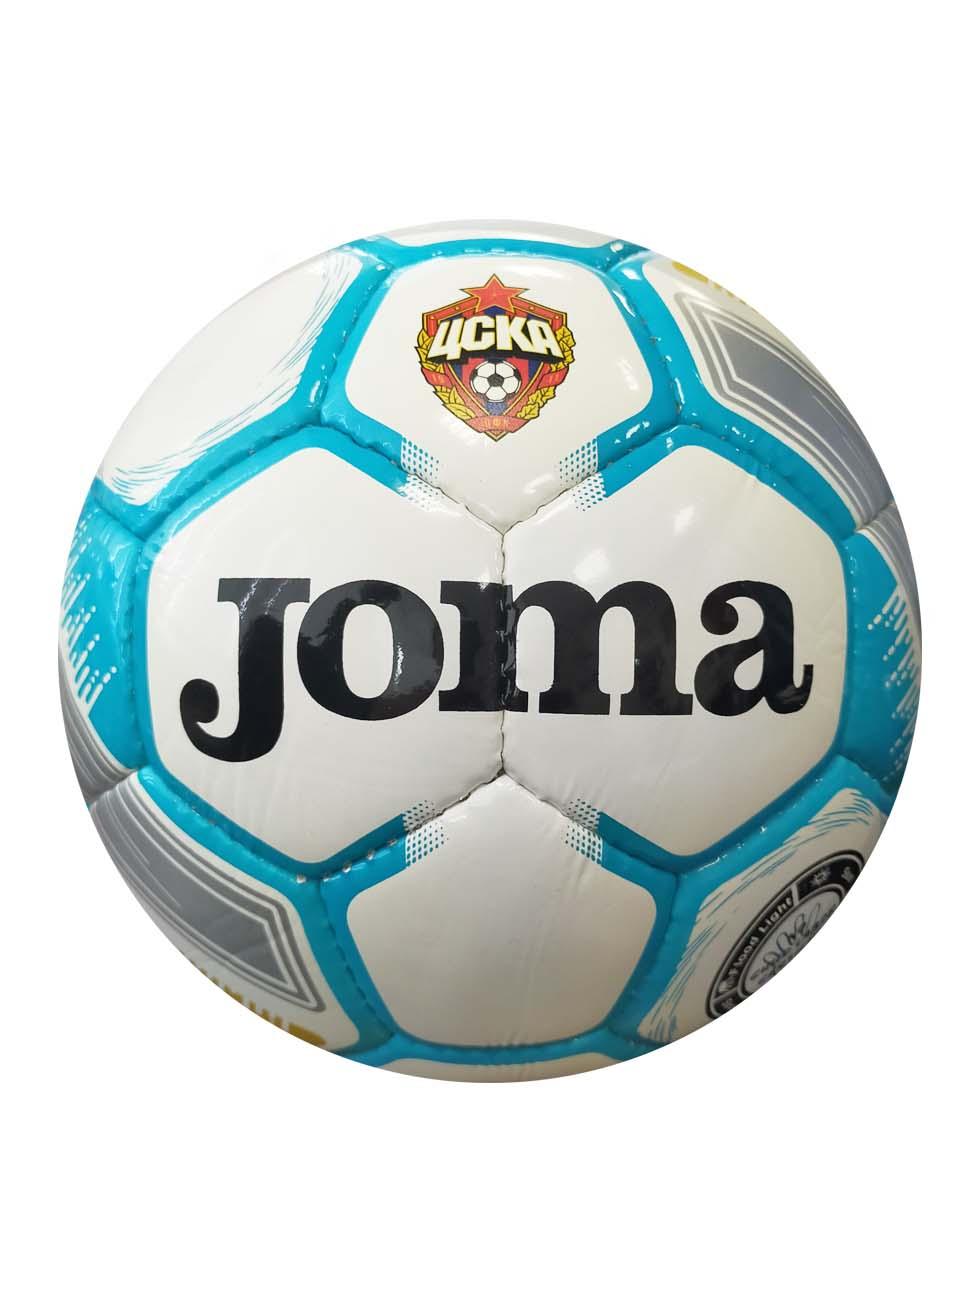 Мяч футбольный Joma Egeo с эмблемой ПФК ЦСКА, размер 5